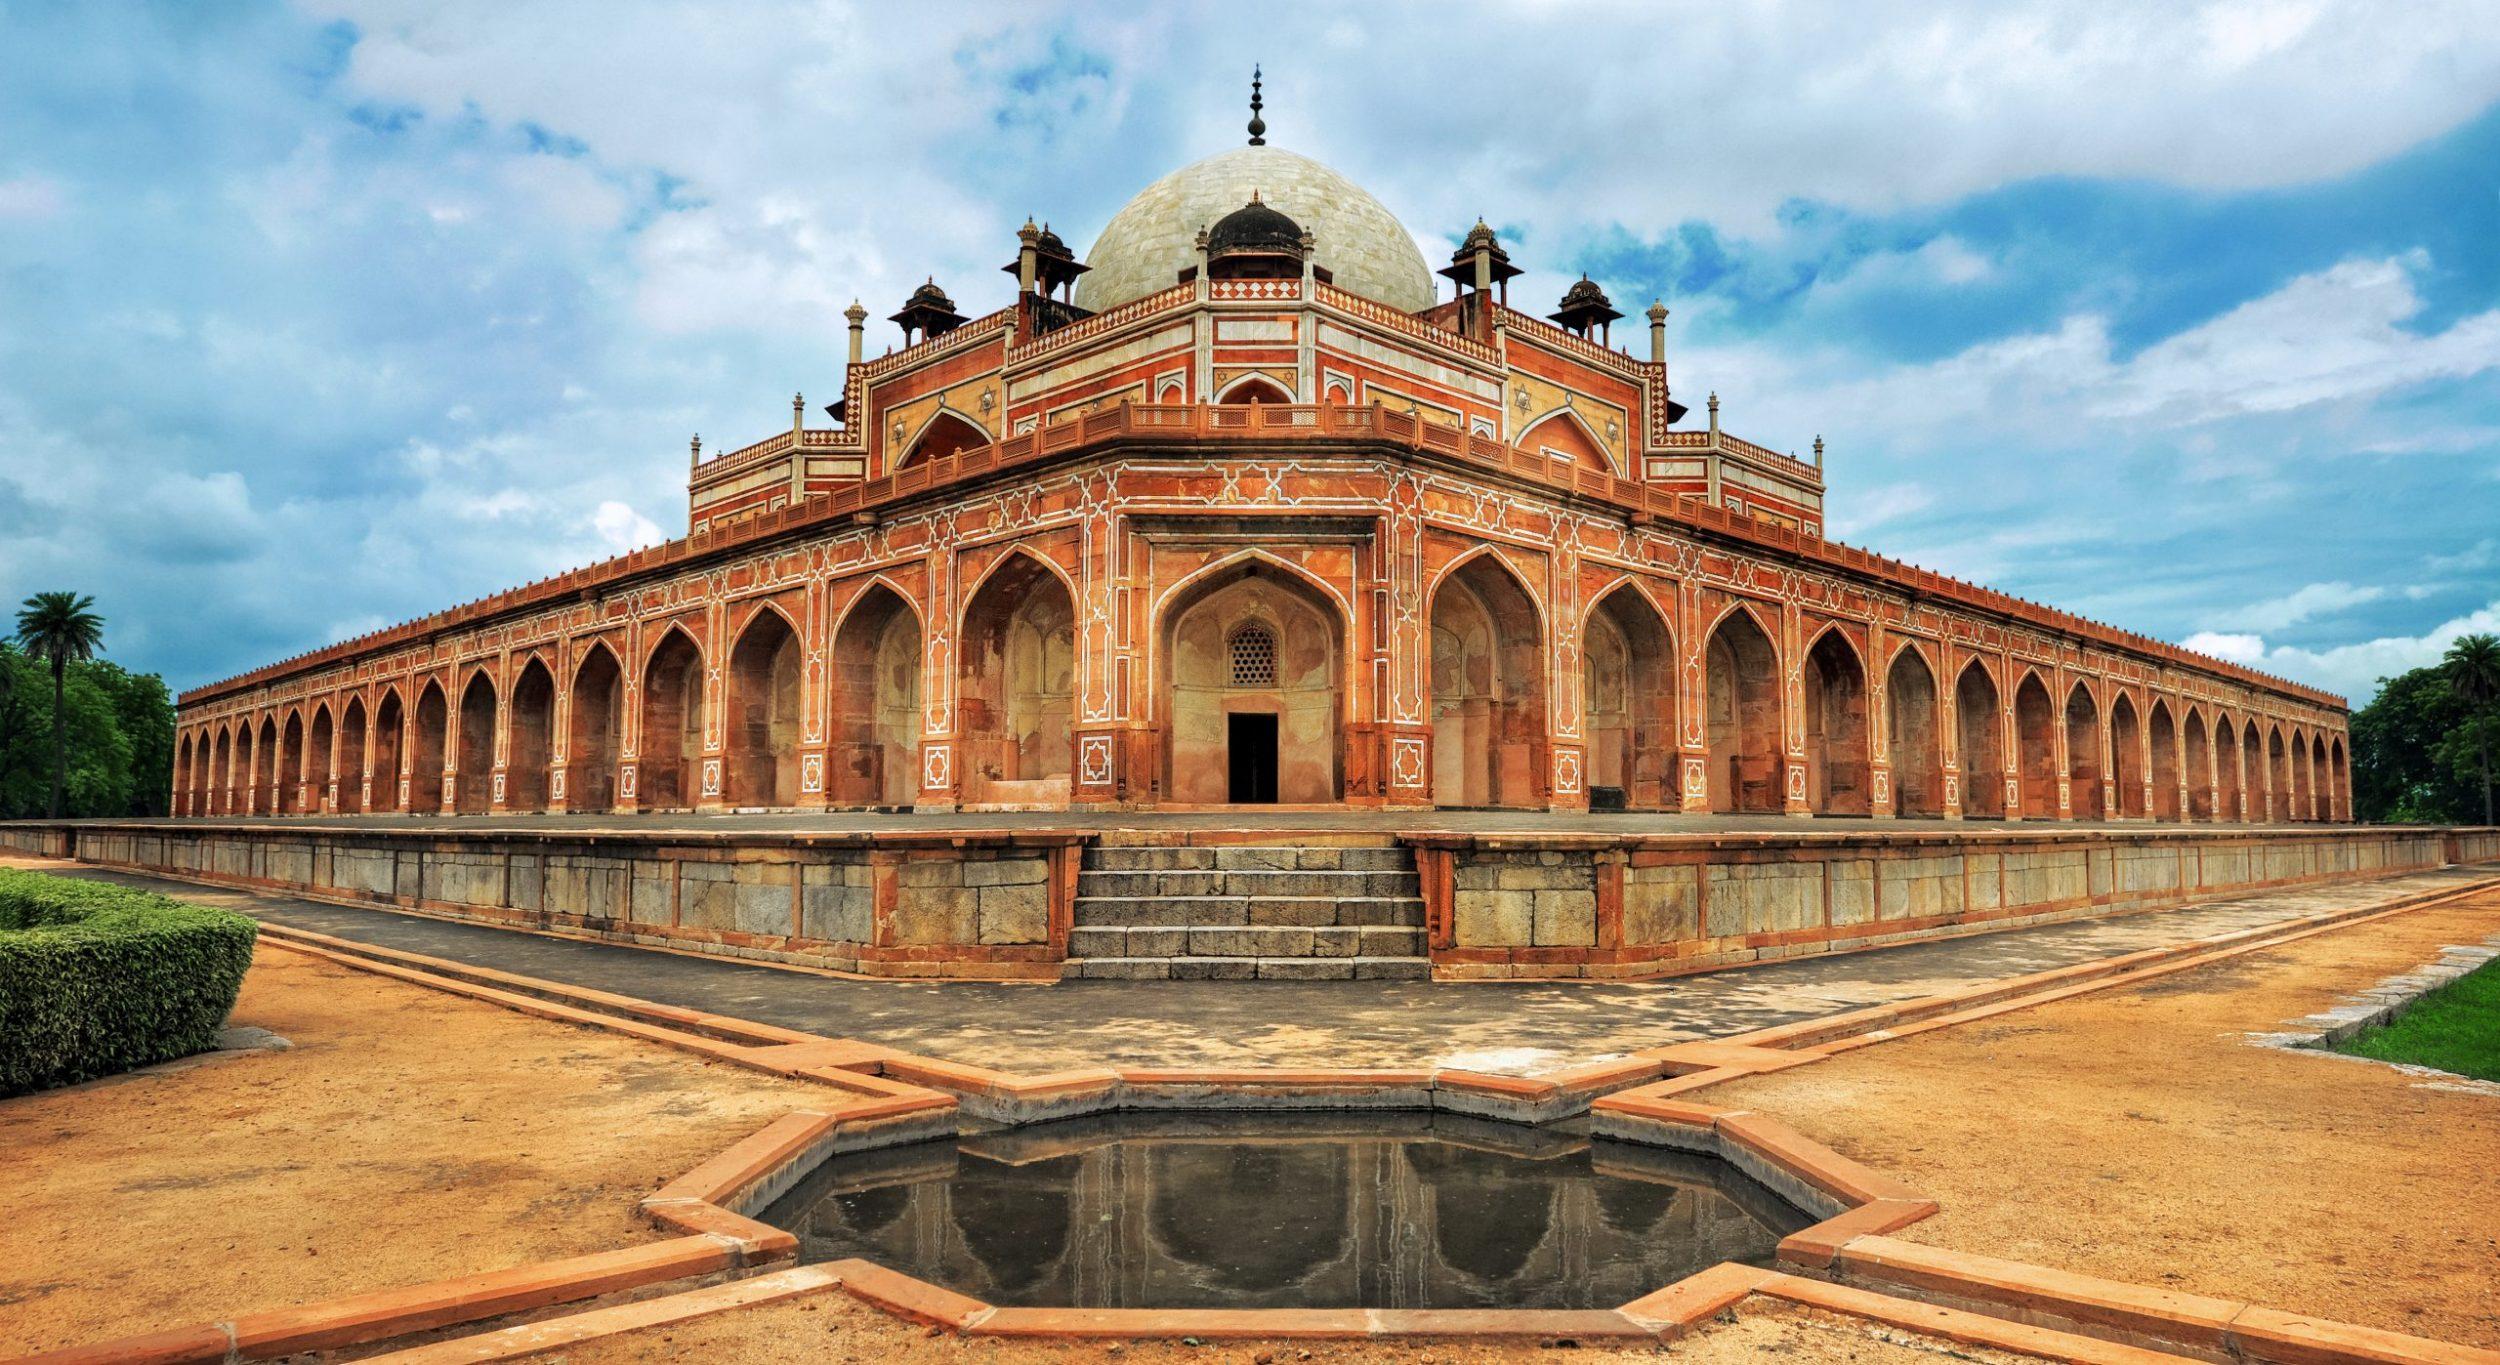 India - Humayun Great Mogul Mausoleum